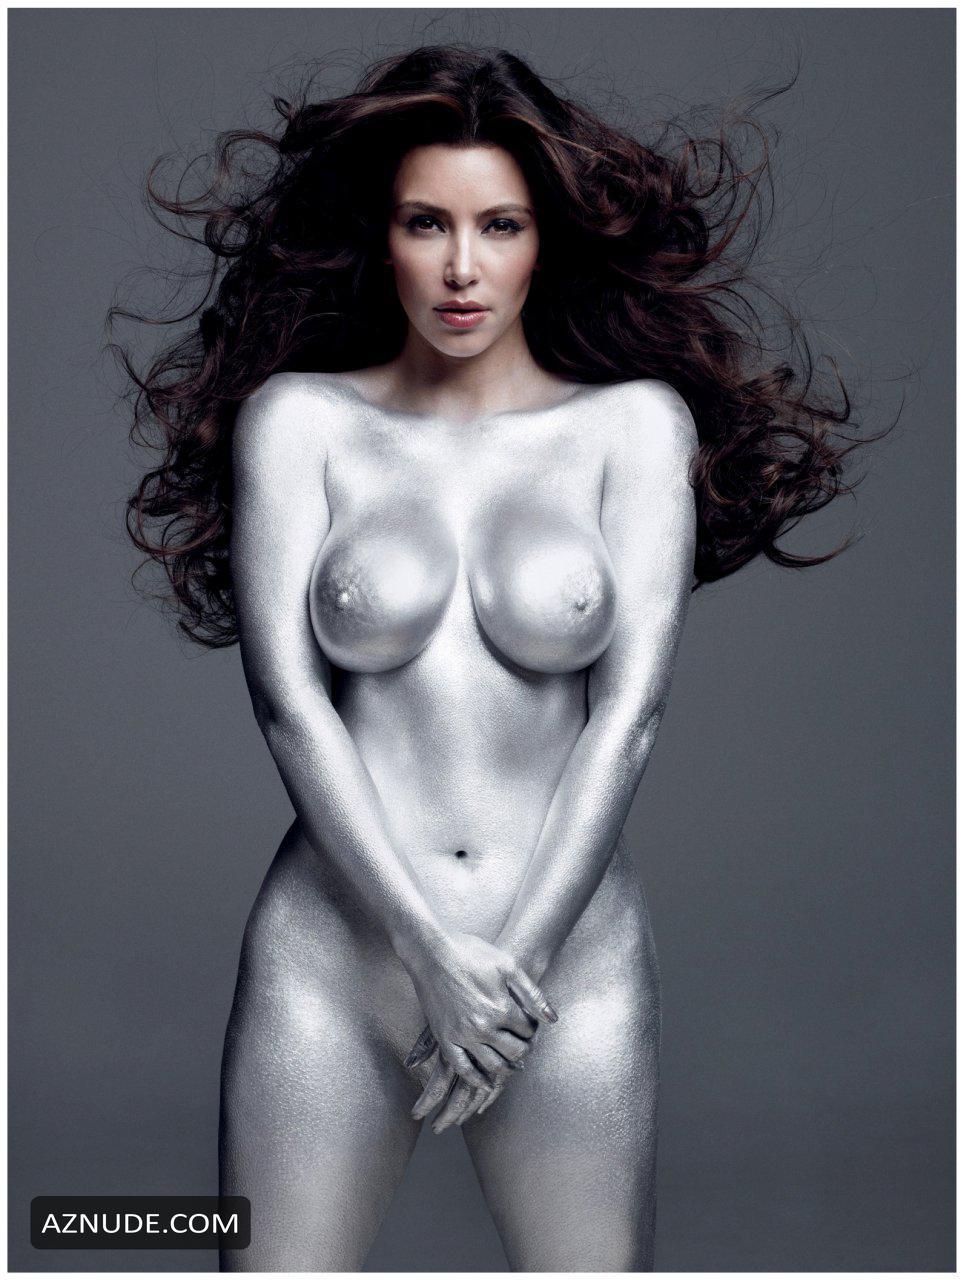 Naked photos of kim kardashian